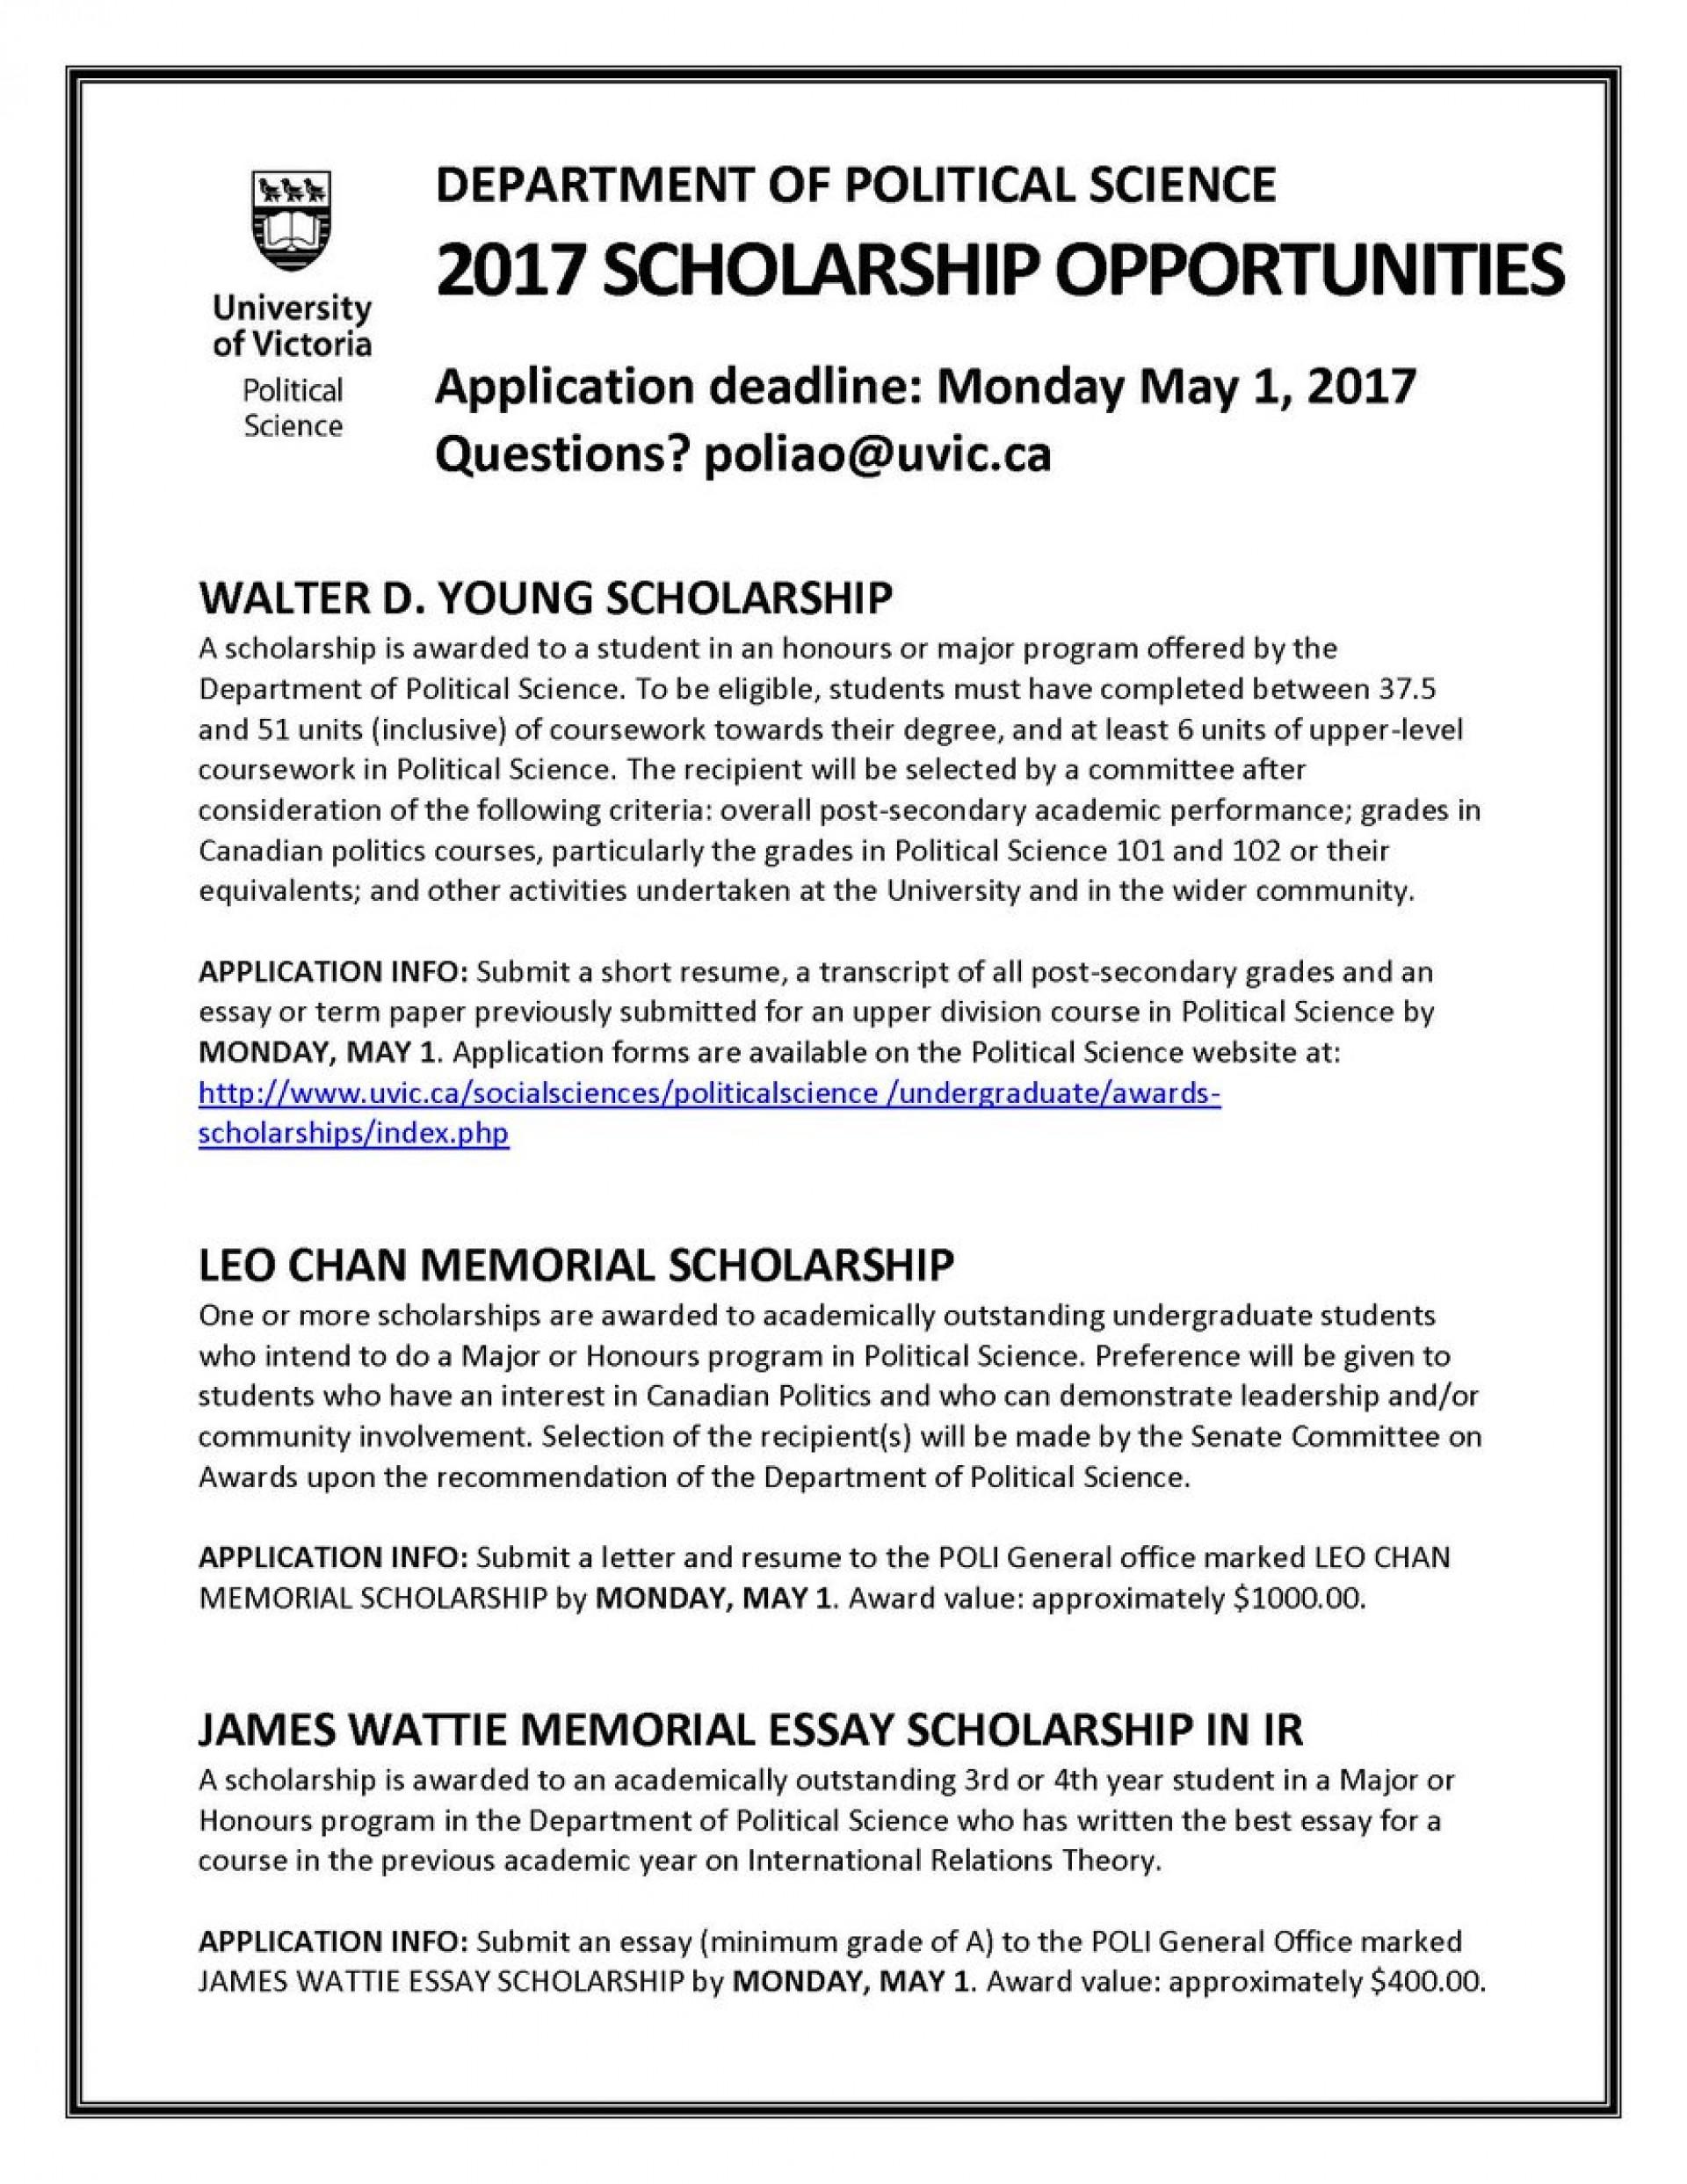 027 Essay Scholarships C943axuuiaasrbu Wonderful 2017 No College Canada 1920